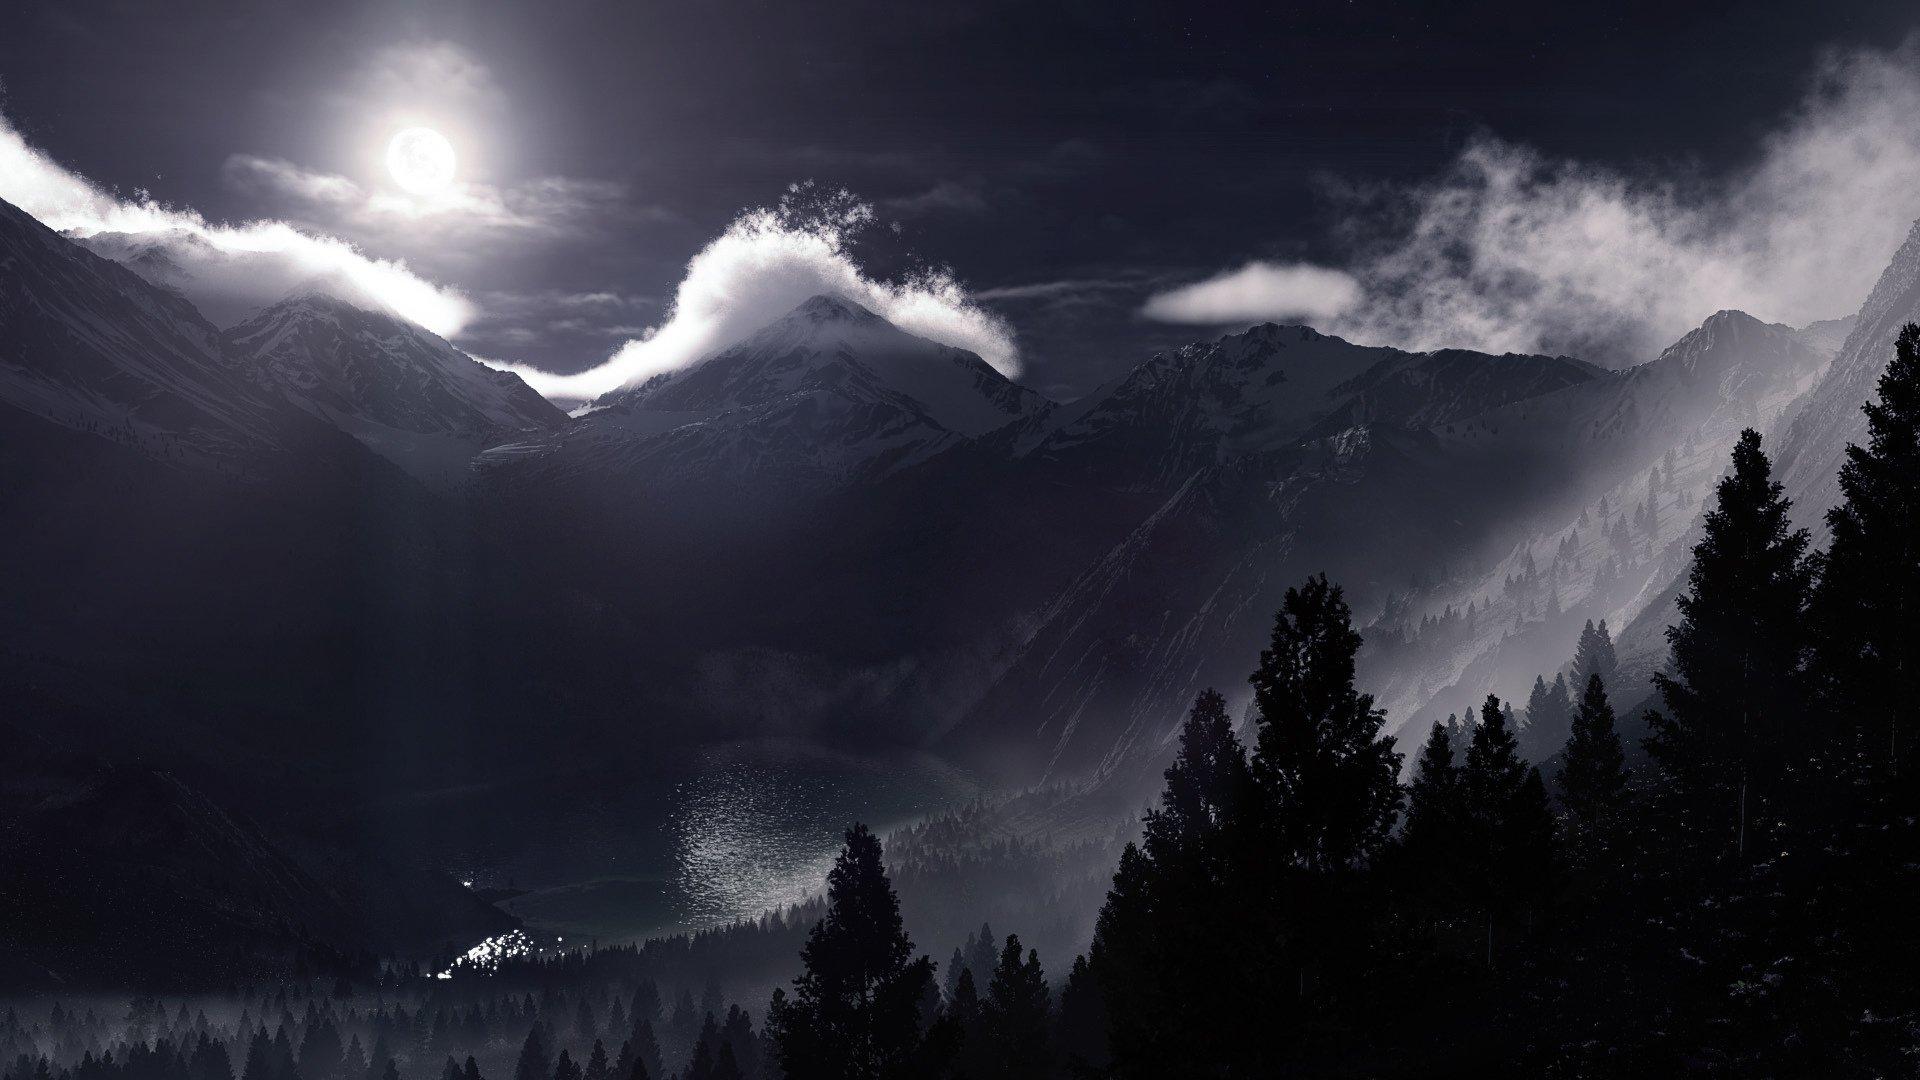 мрачные ночные горы картинки бусин бисера альтера